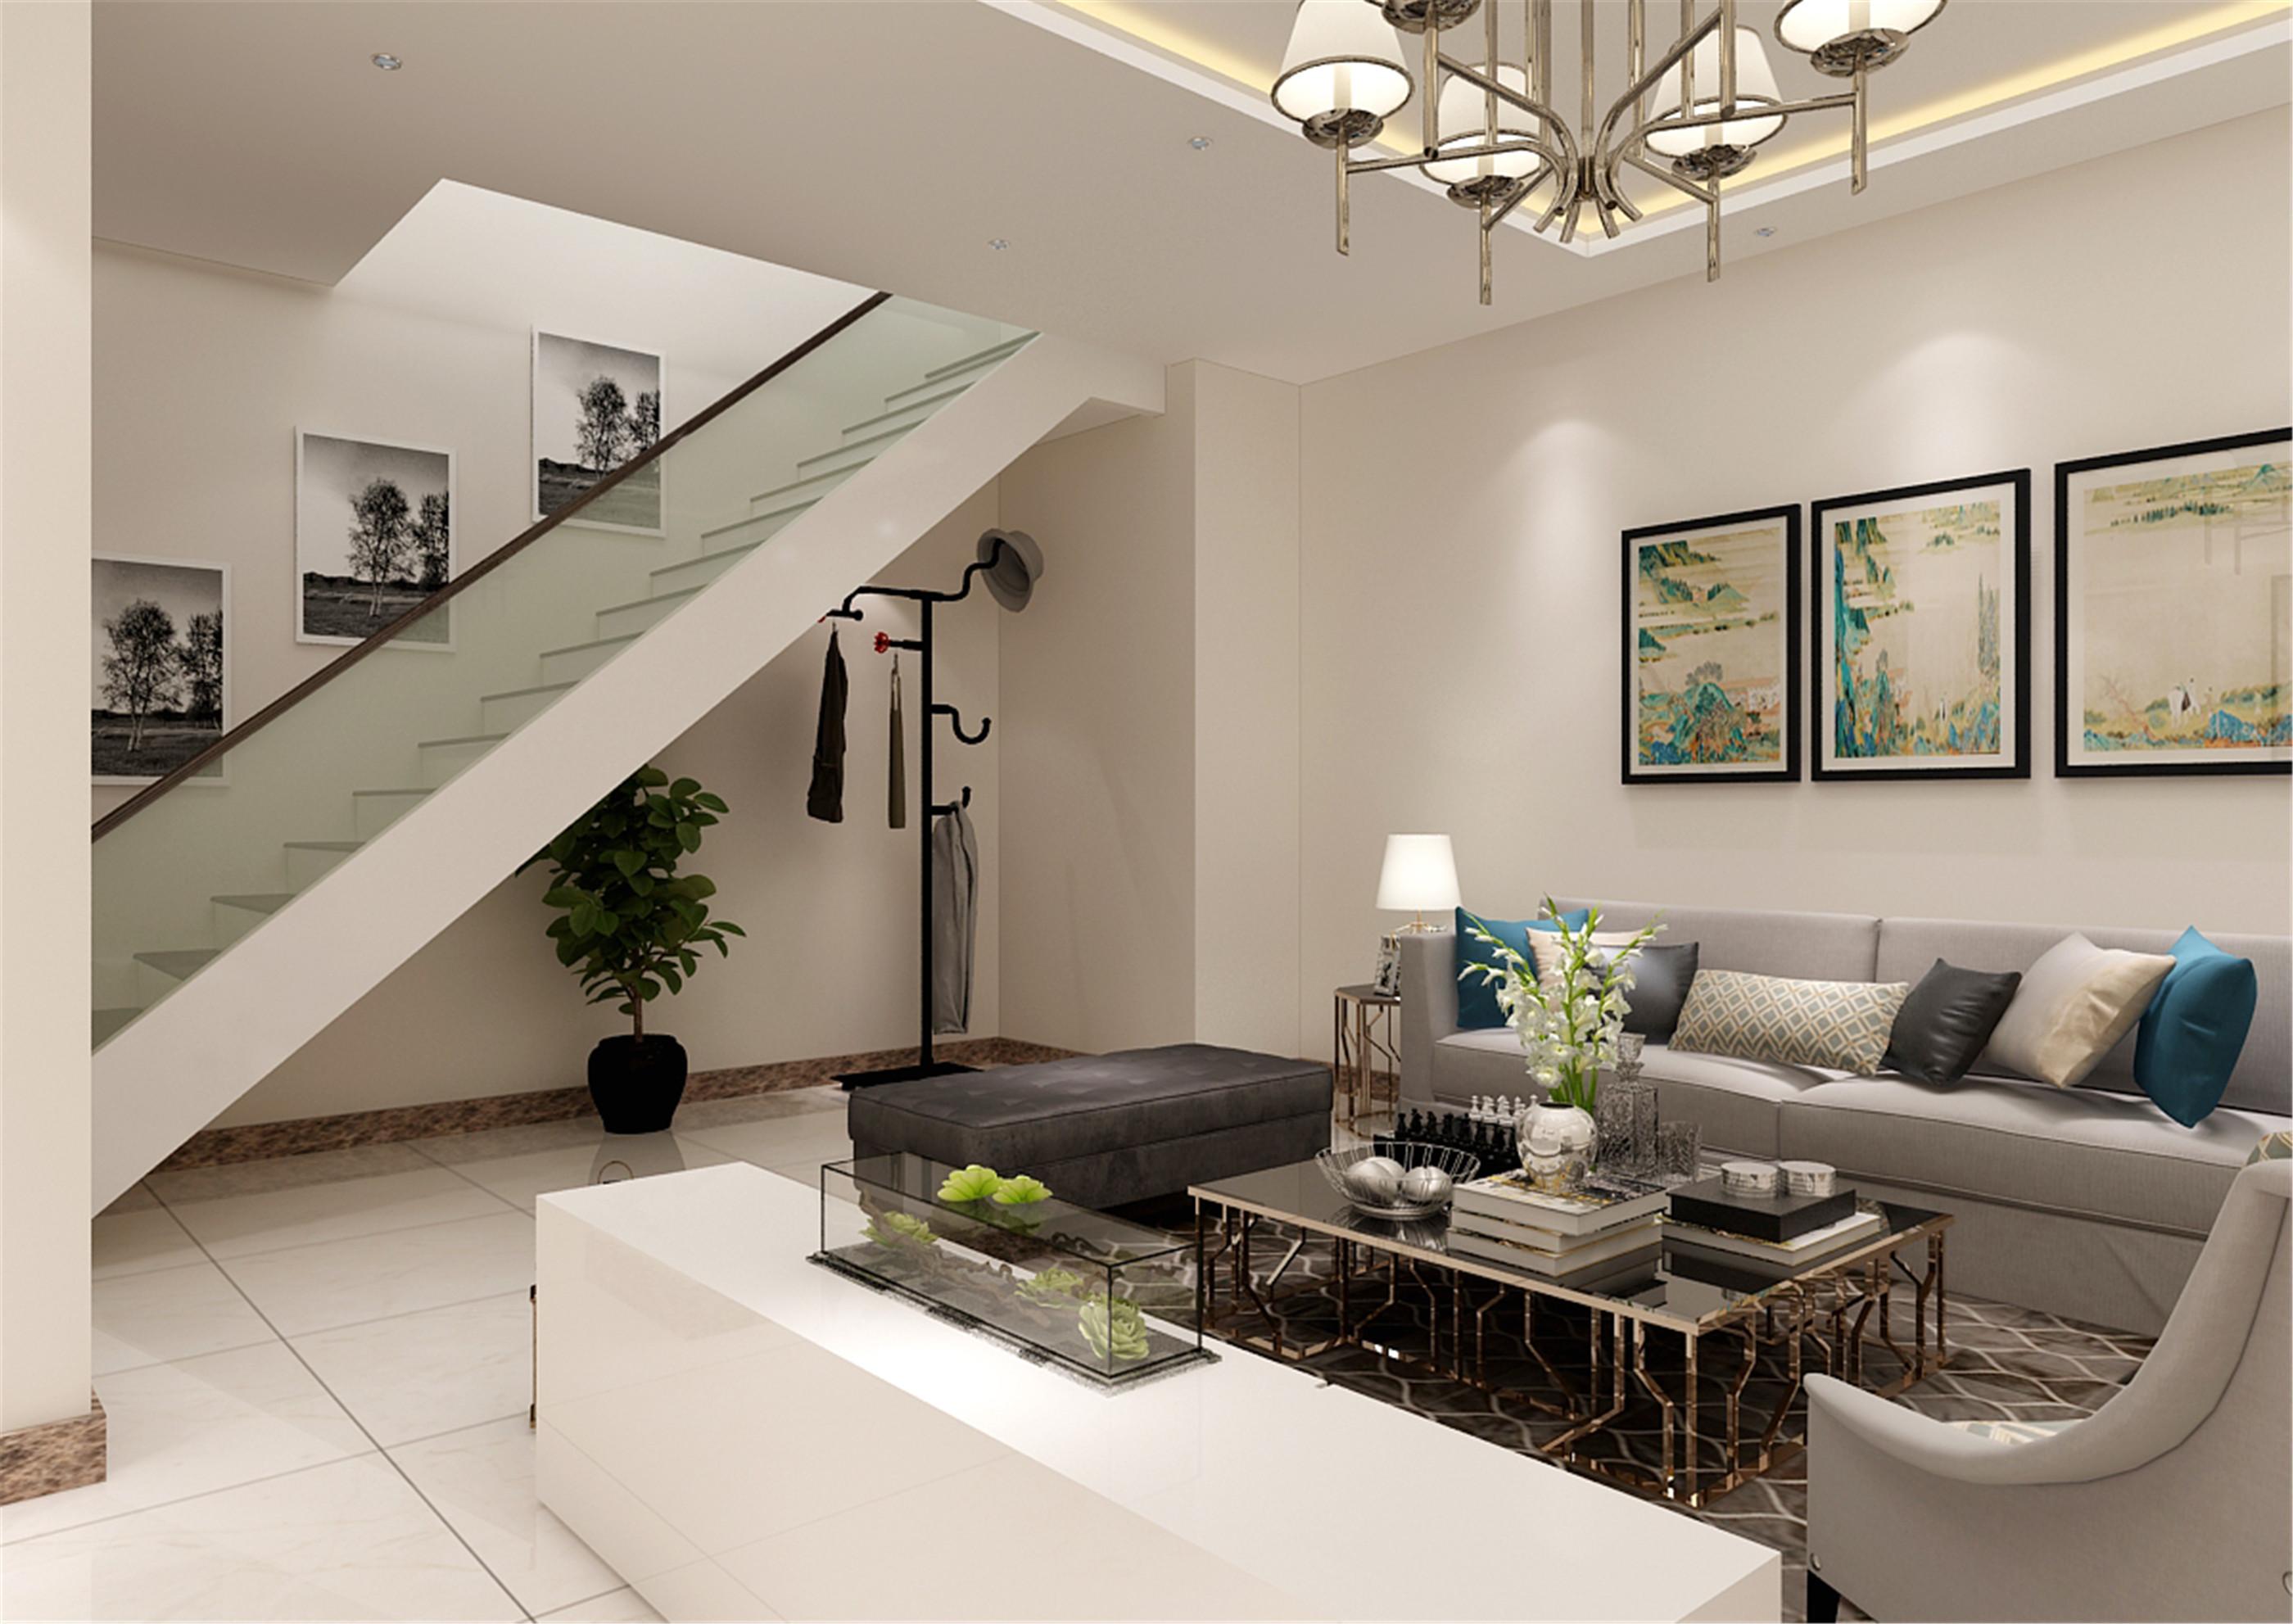 90后教你如何用9万元装修出105平米的房子!-保利罗兰公馆装修